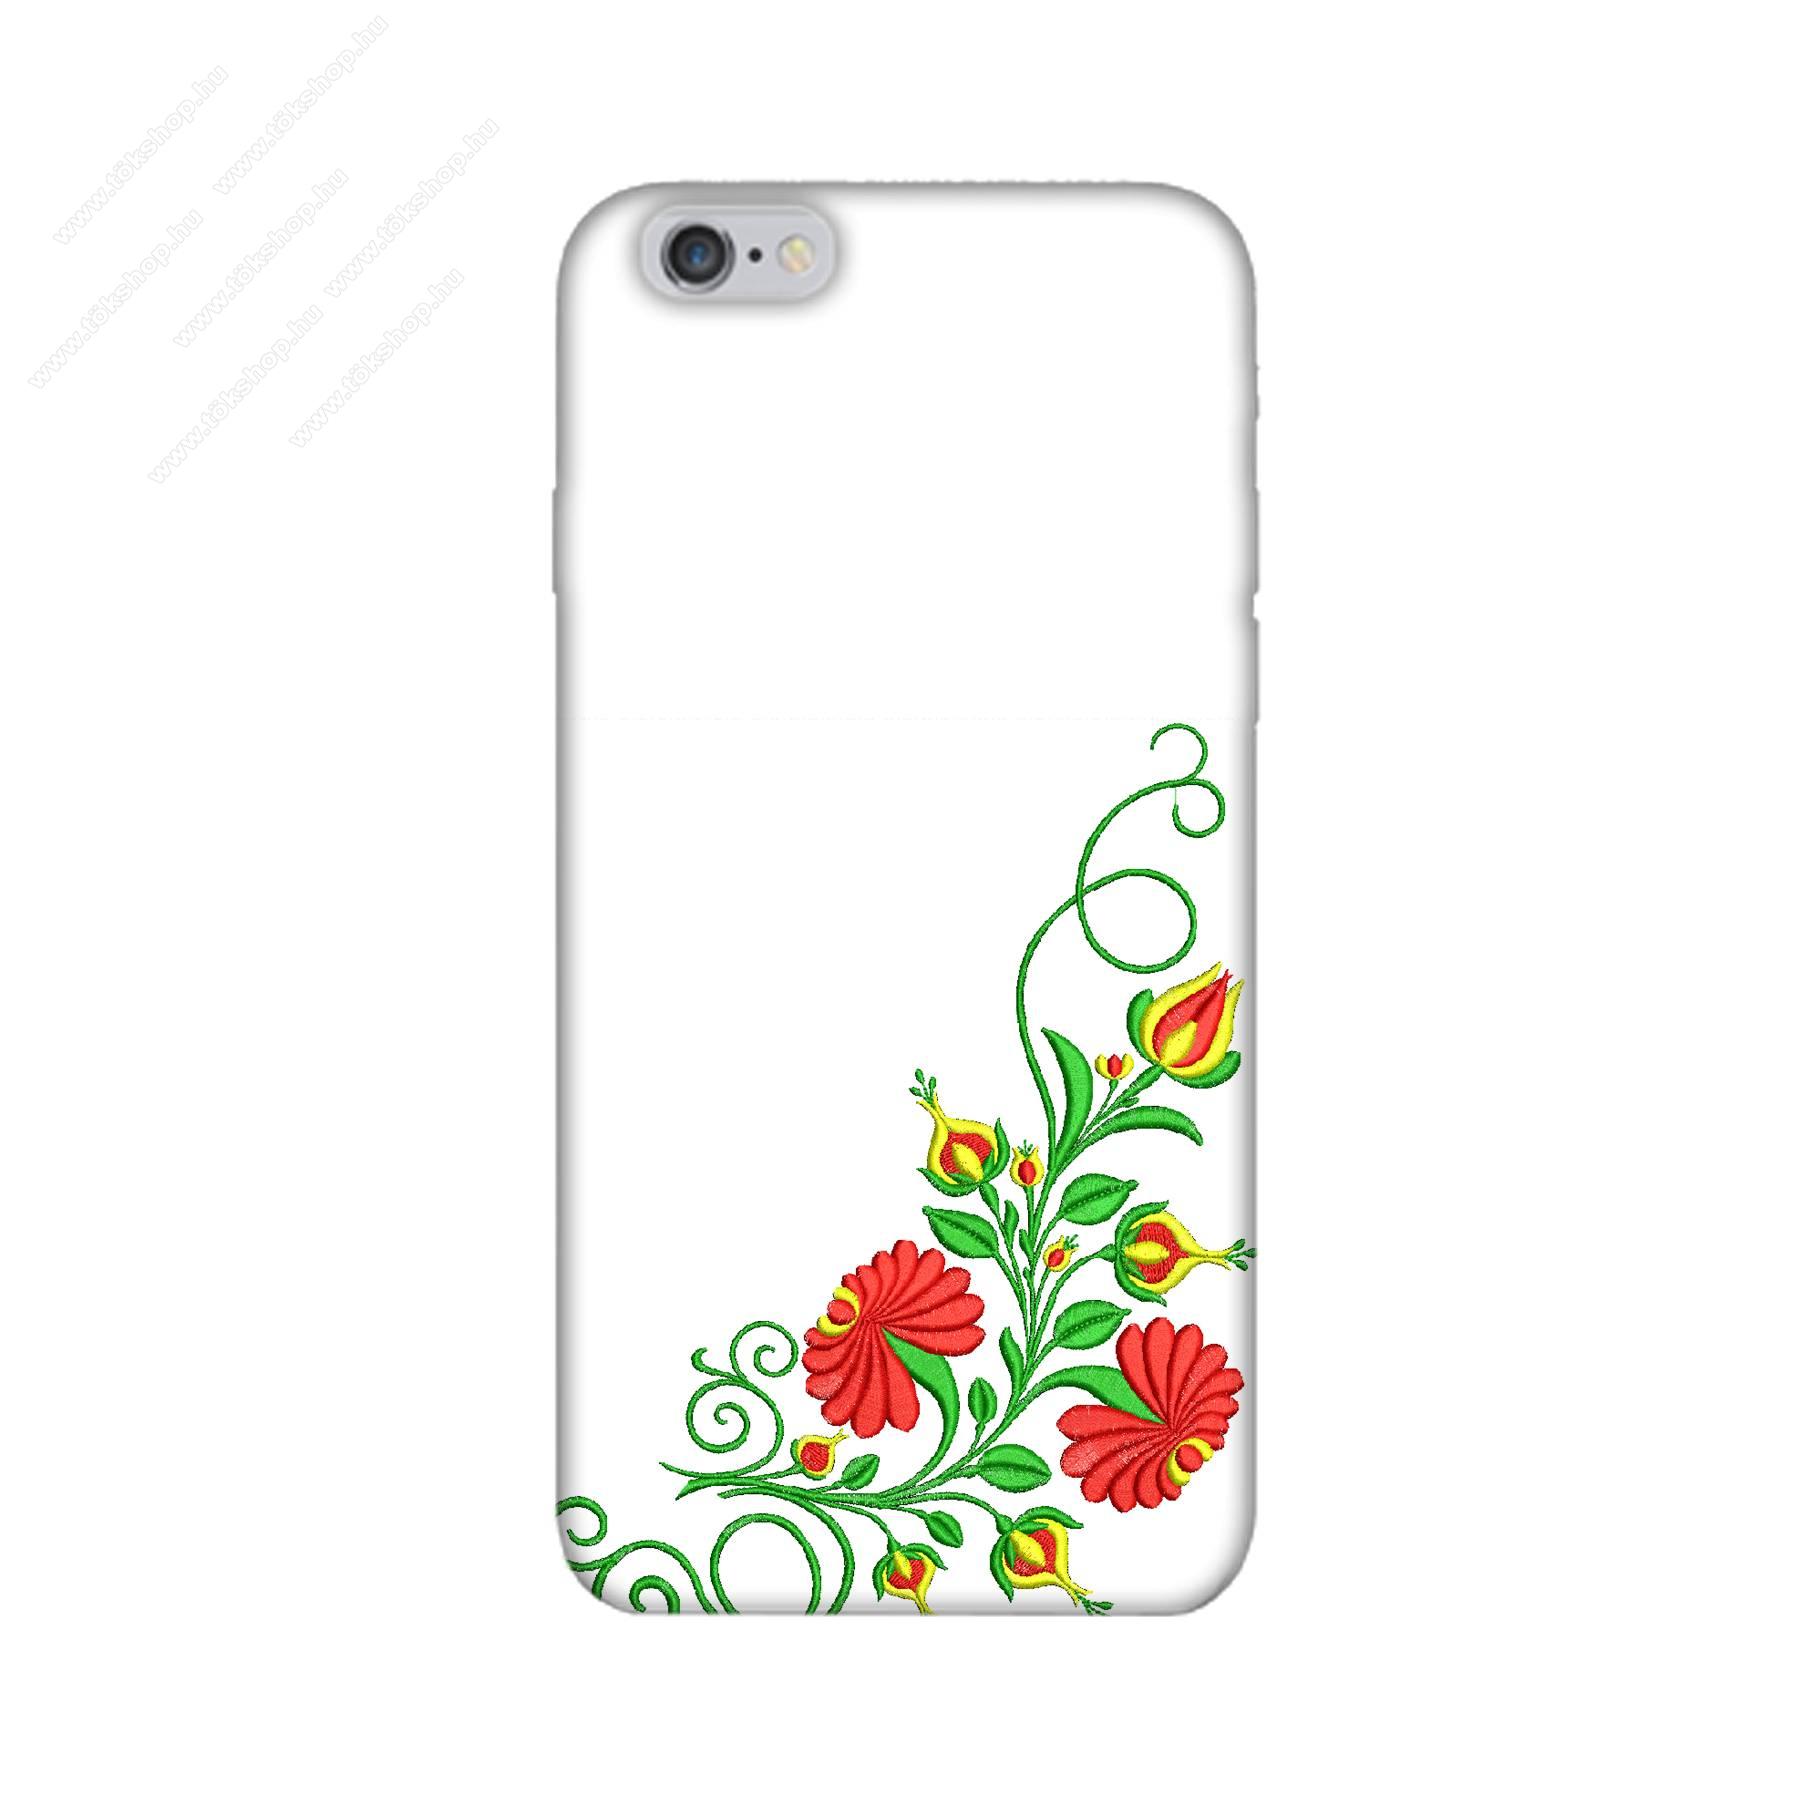 E-pic szilikon védő tok / hátlap - Kalocsai hímzés mintás - APPLE iPhone 6 Plus / APPLE iPhone 6s Plus